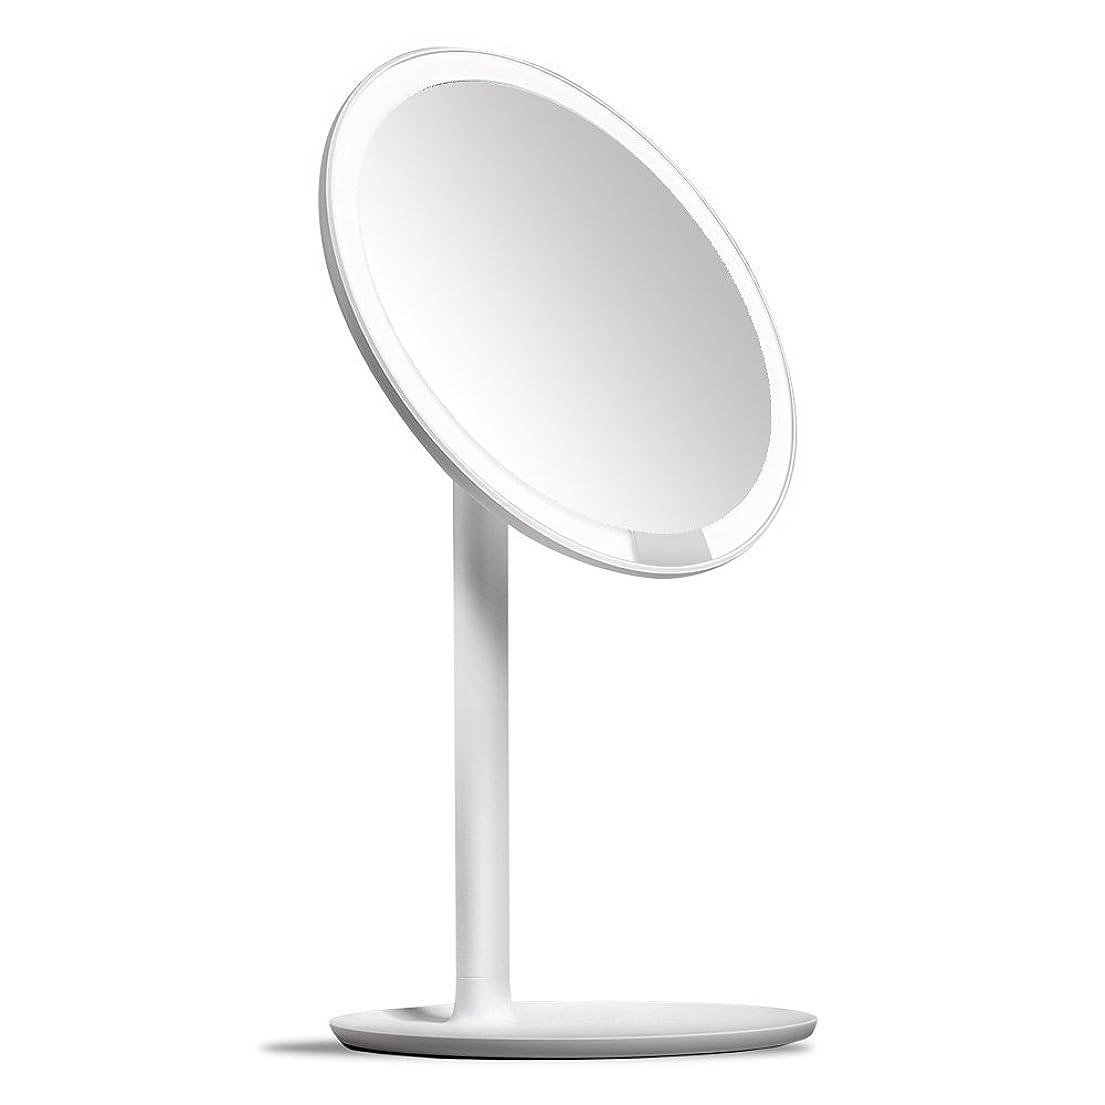 疲労振動させる急速なAMIRO 化粧鏡 化粧ミラー LEDライト付き 卓上鏡 女優ミラー 3段階明るさ調節可能 コードレス 充電式